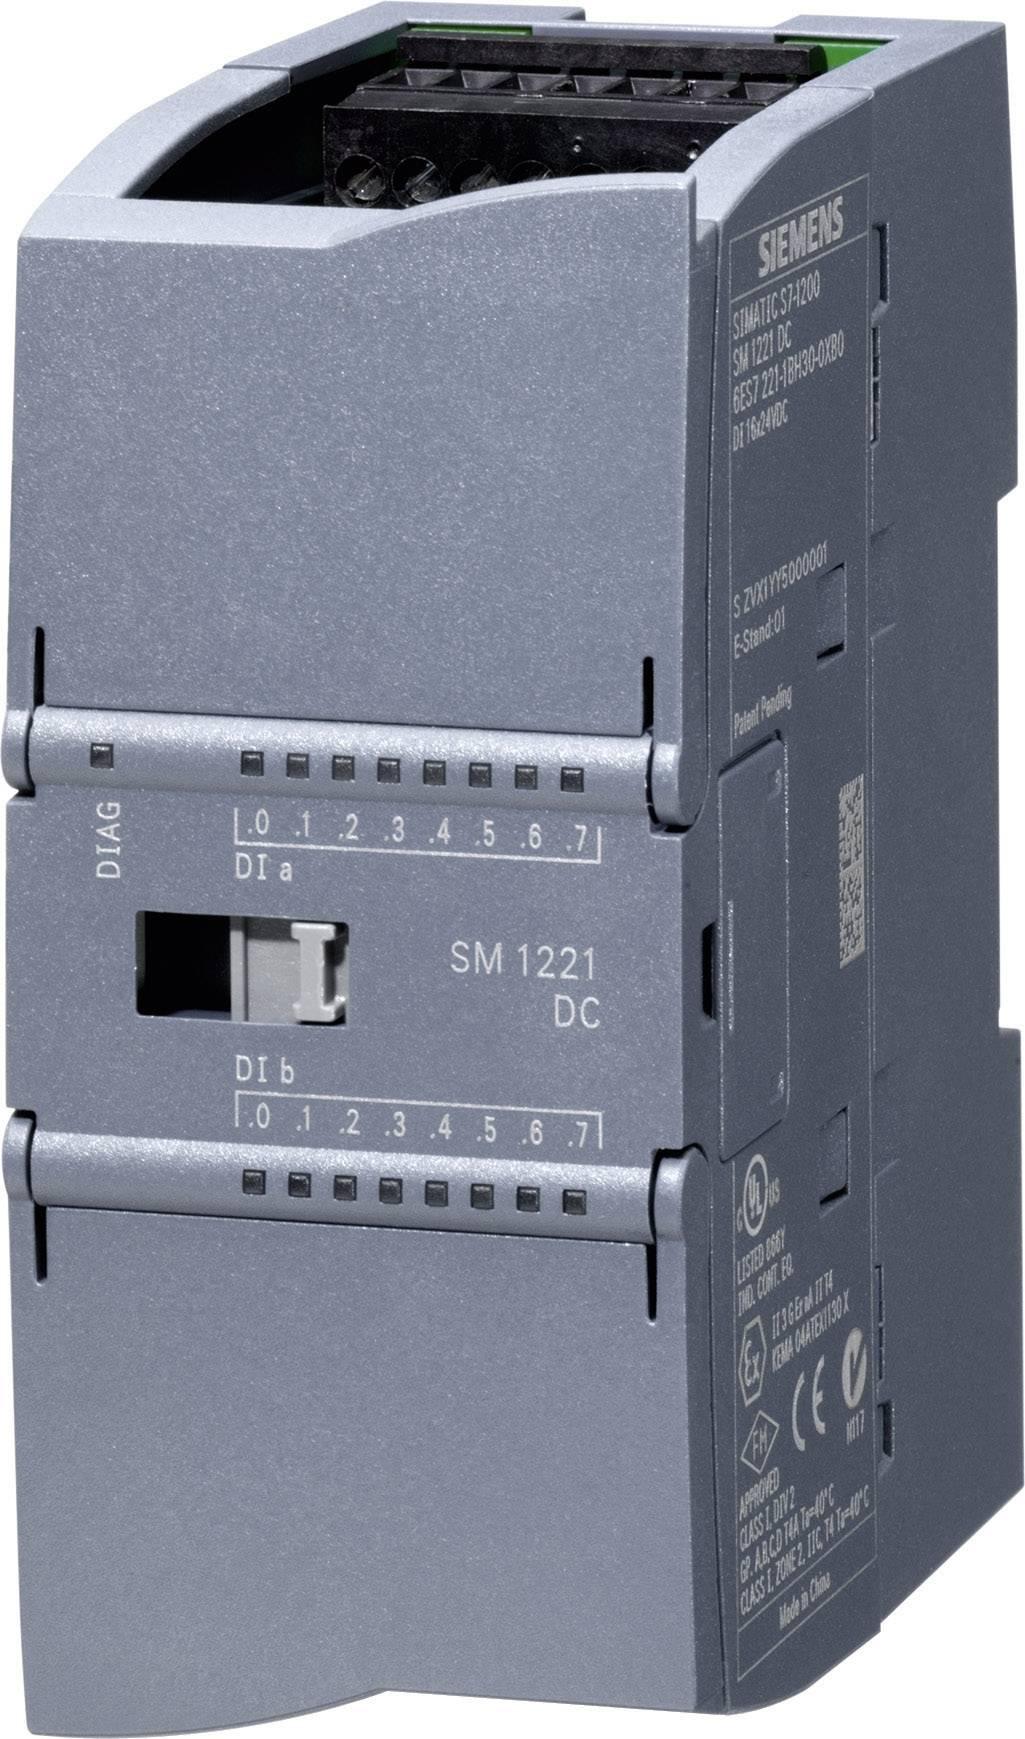 PLC rozširujúci modul Siemens SM 1221 6ES7221-1BH32-0XB0